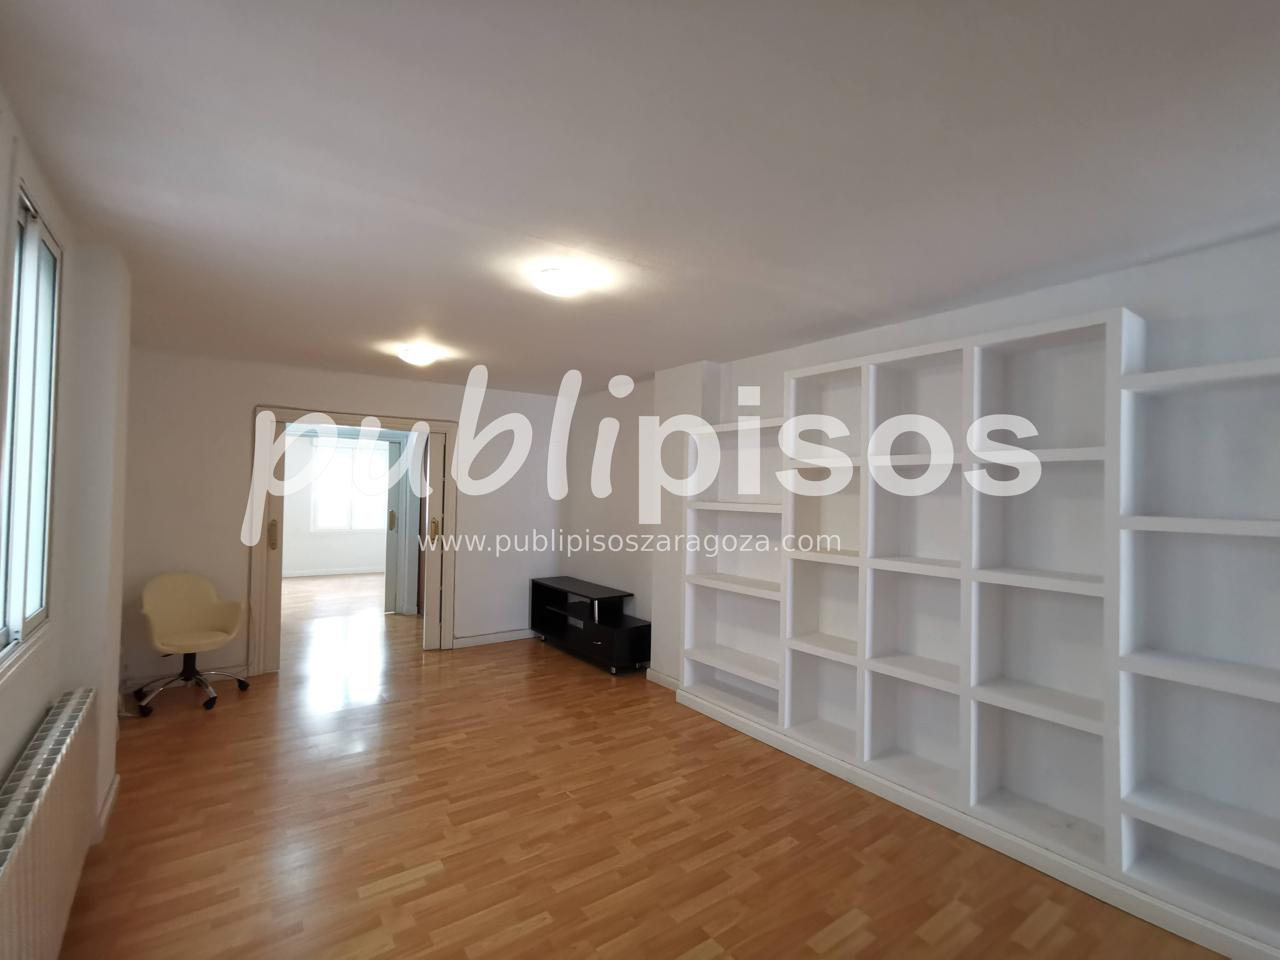 Piso en venta en Zaragoza de 90 m2-4